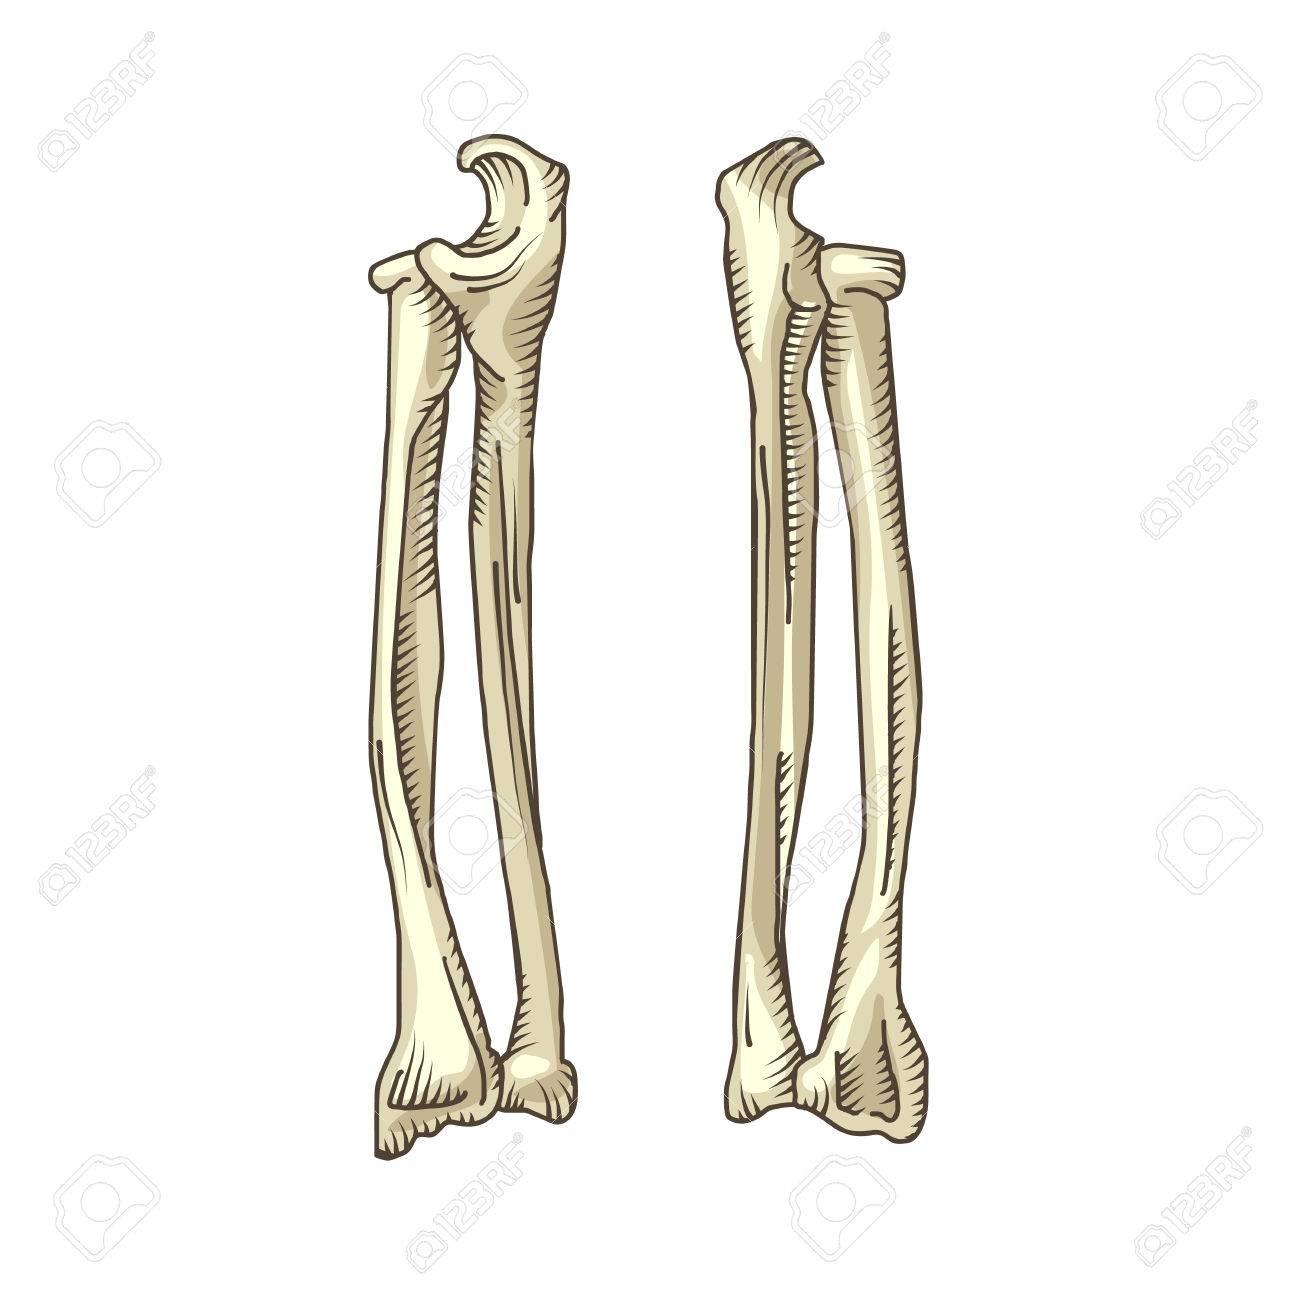 Großzügig Menschliche Beinknochen Galerie - Menschliche Anatomie ...